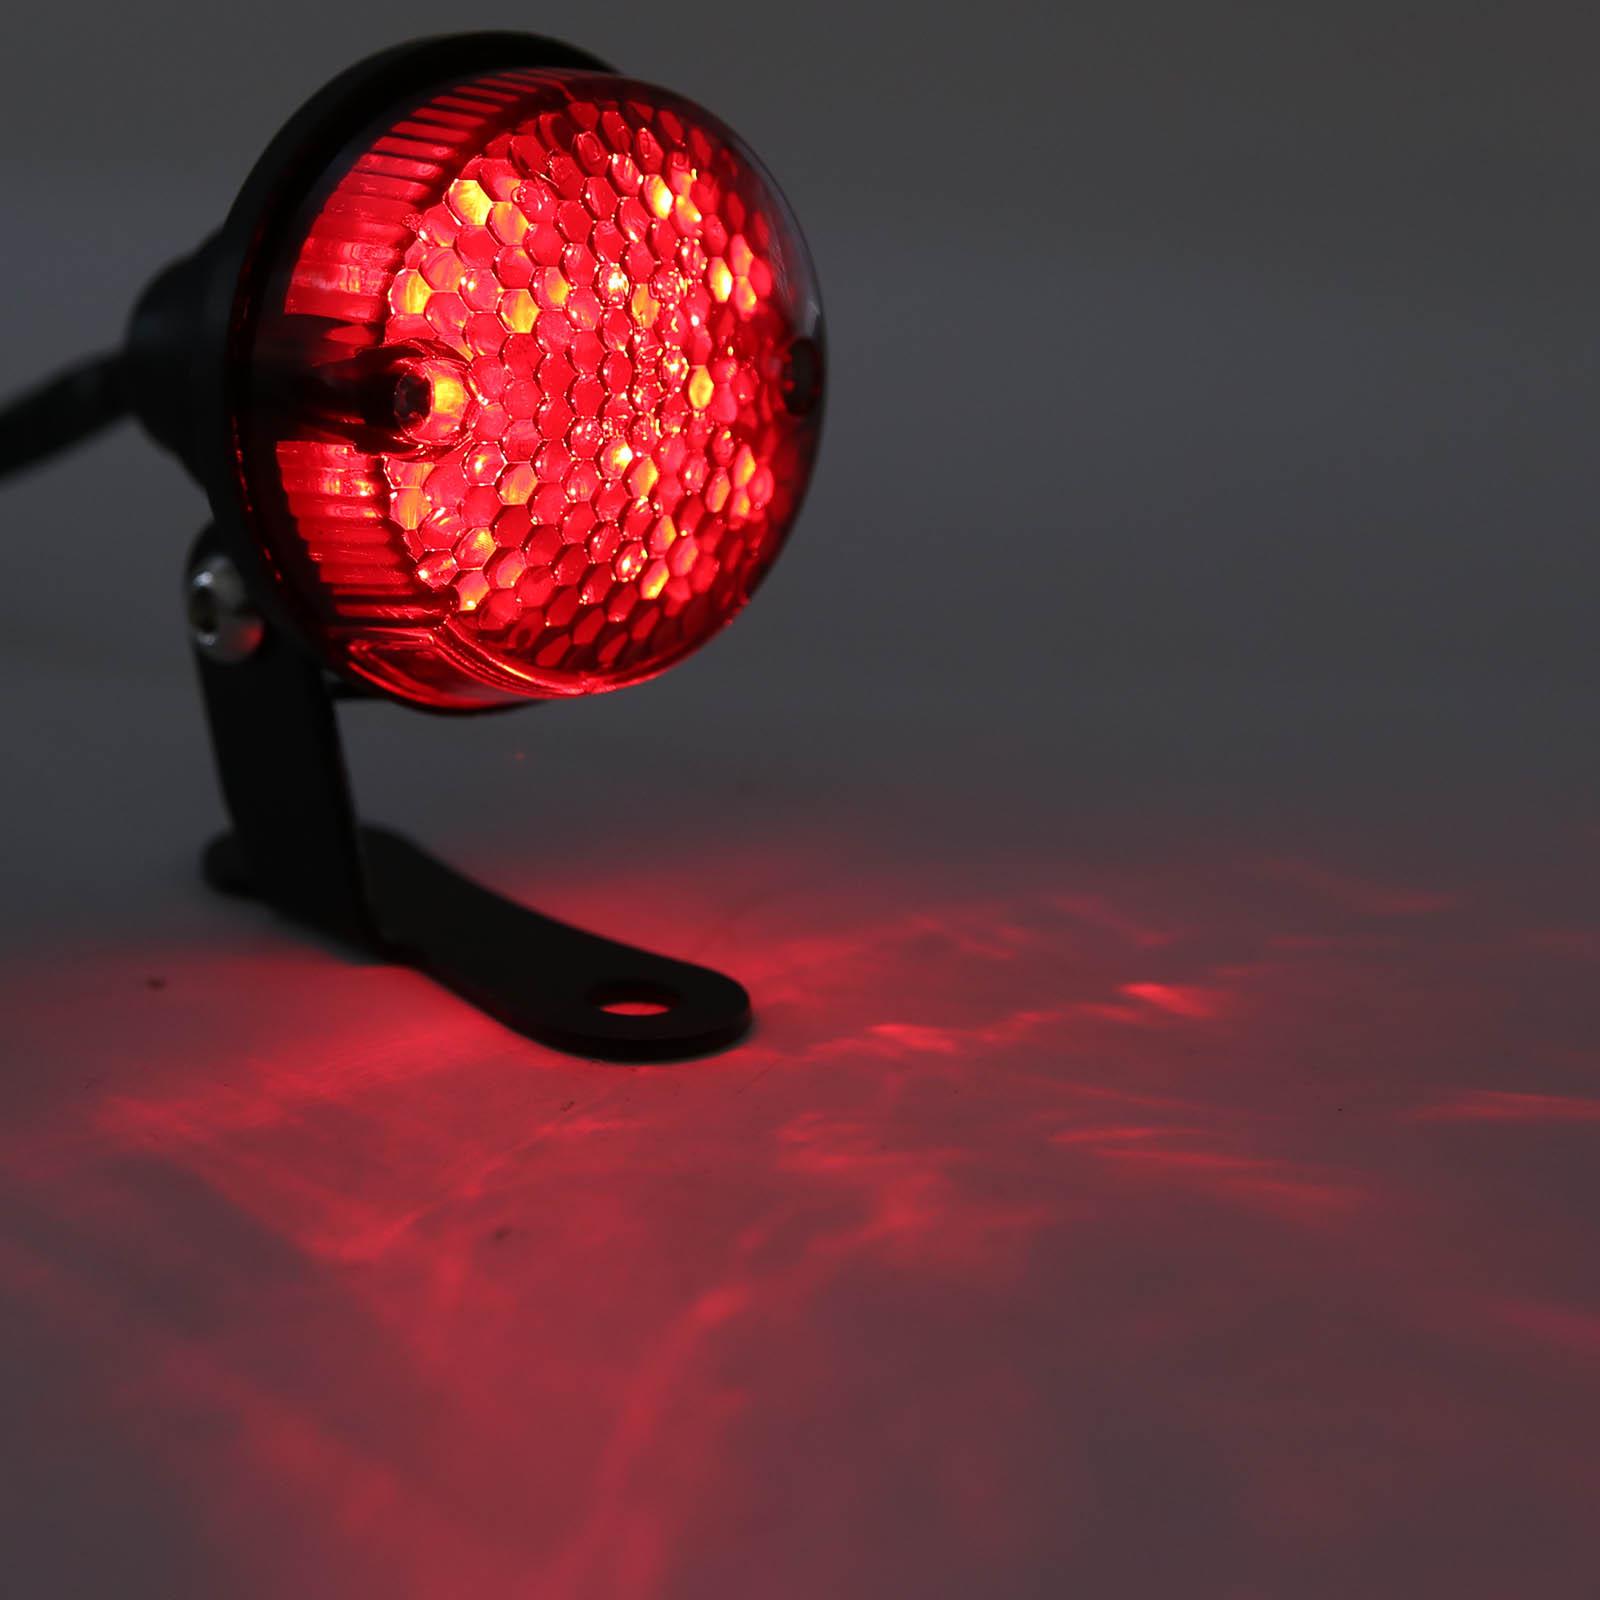 Hohe Qualität Motorrad Rote LED Licht Universal Schwarz Runde Motorrad Hinten Kennzeichen Licht DC 12V